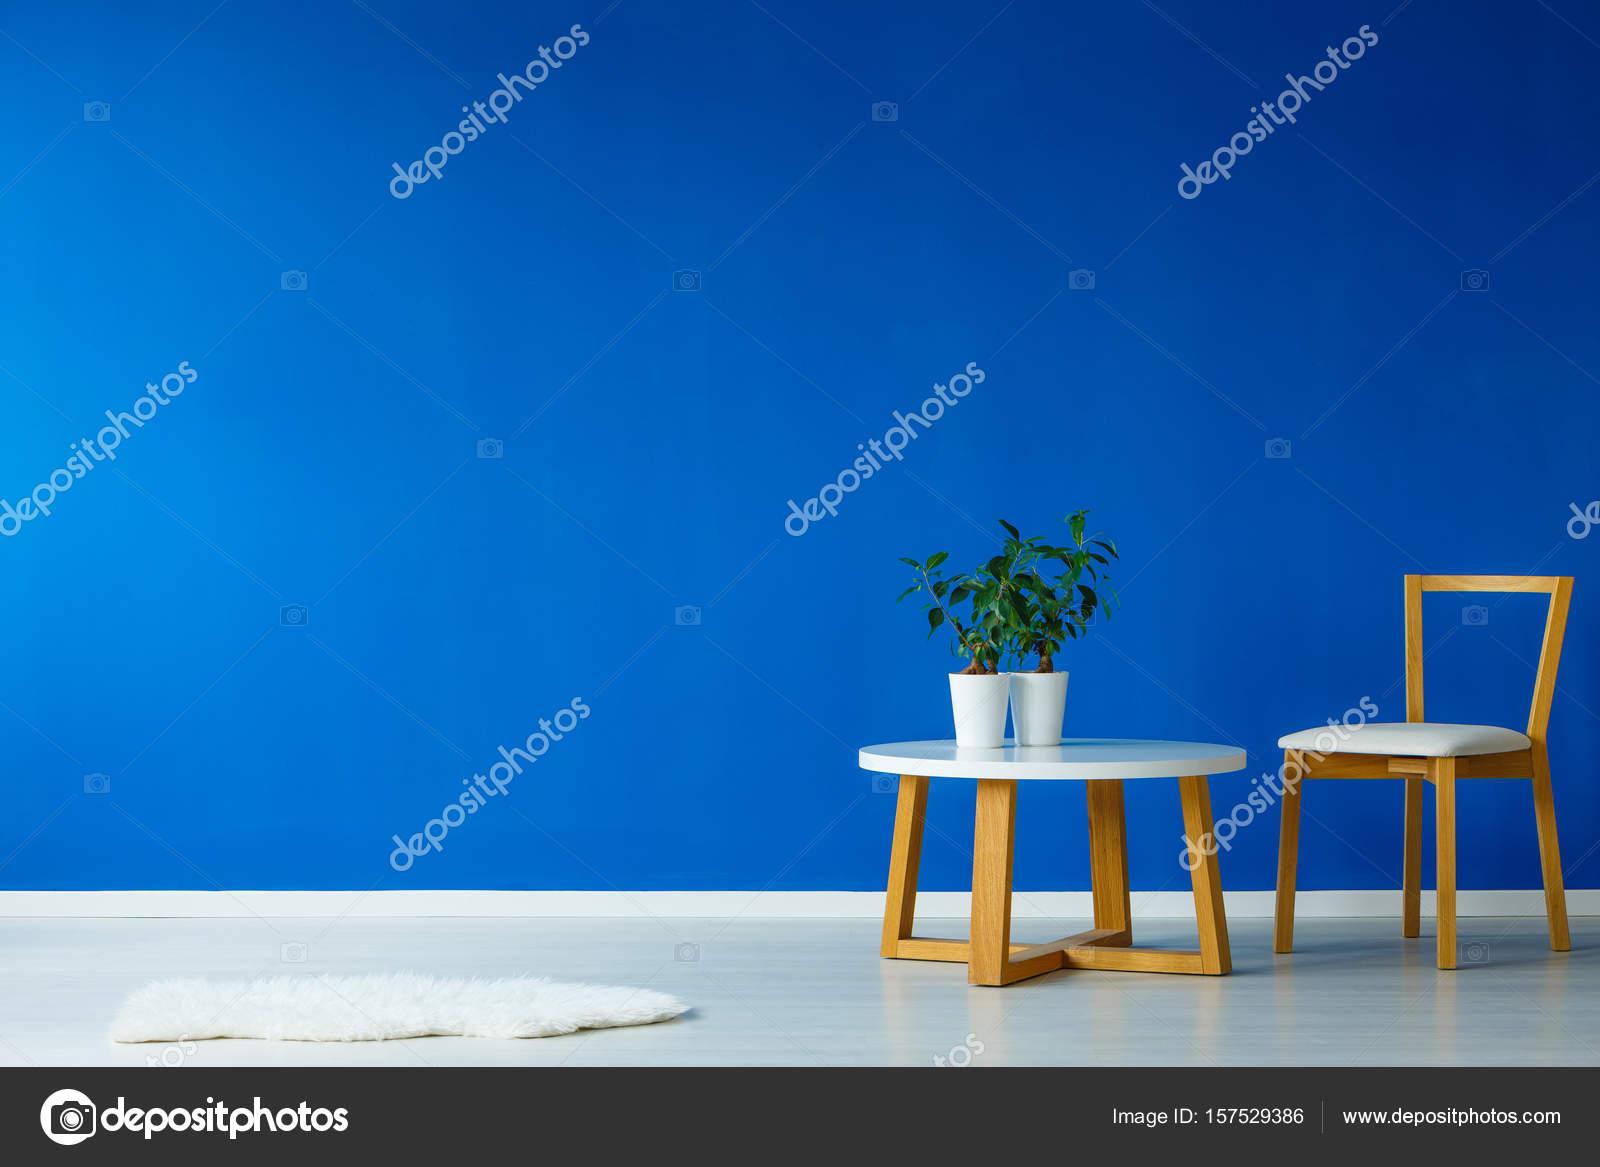 Design Kleine Tafeltjes.Tafeltje Met Planten Stockfoto C Photographee Eu 157529386